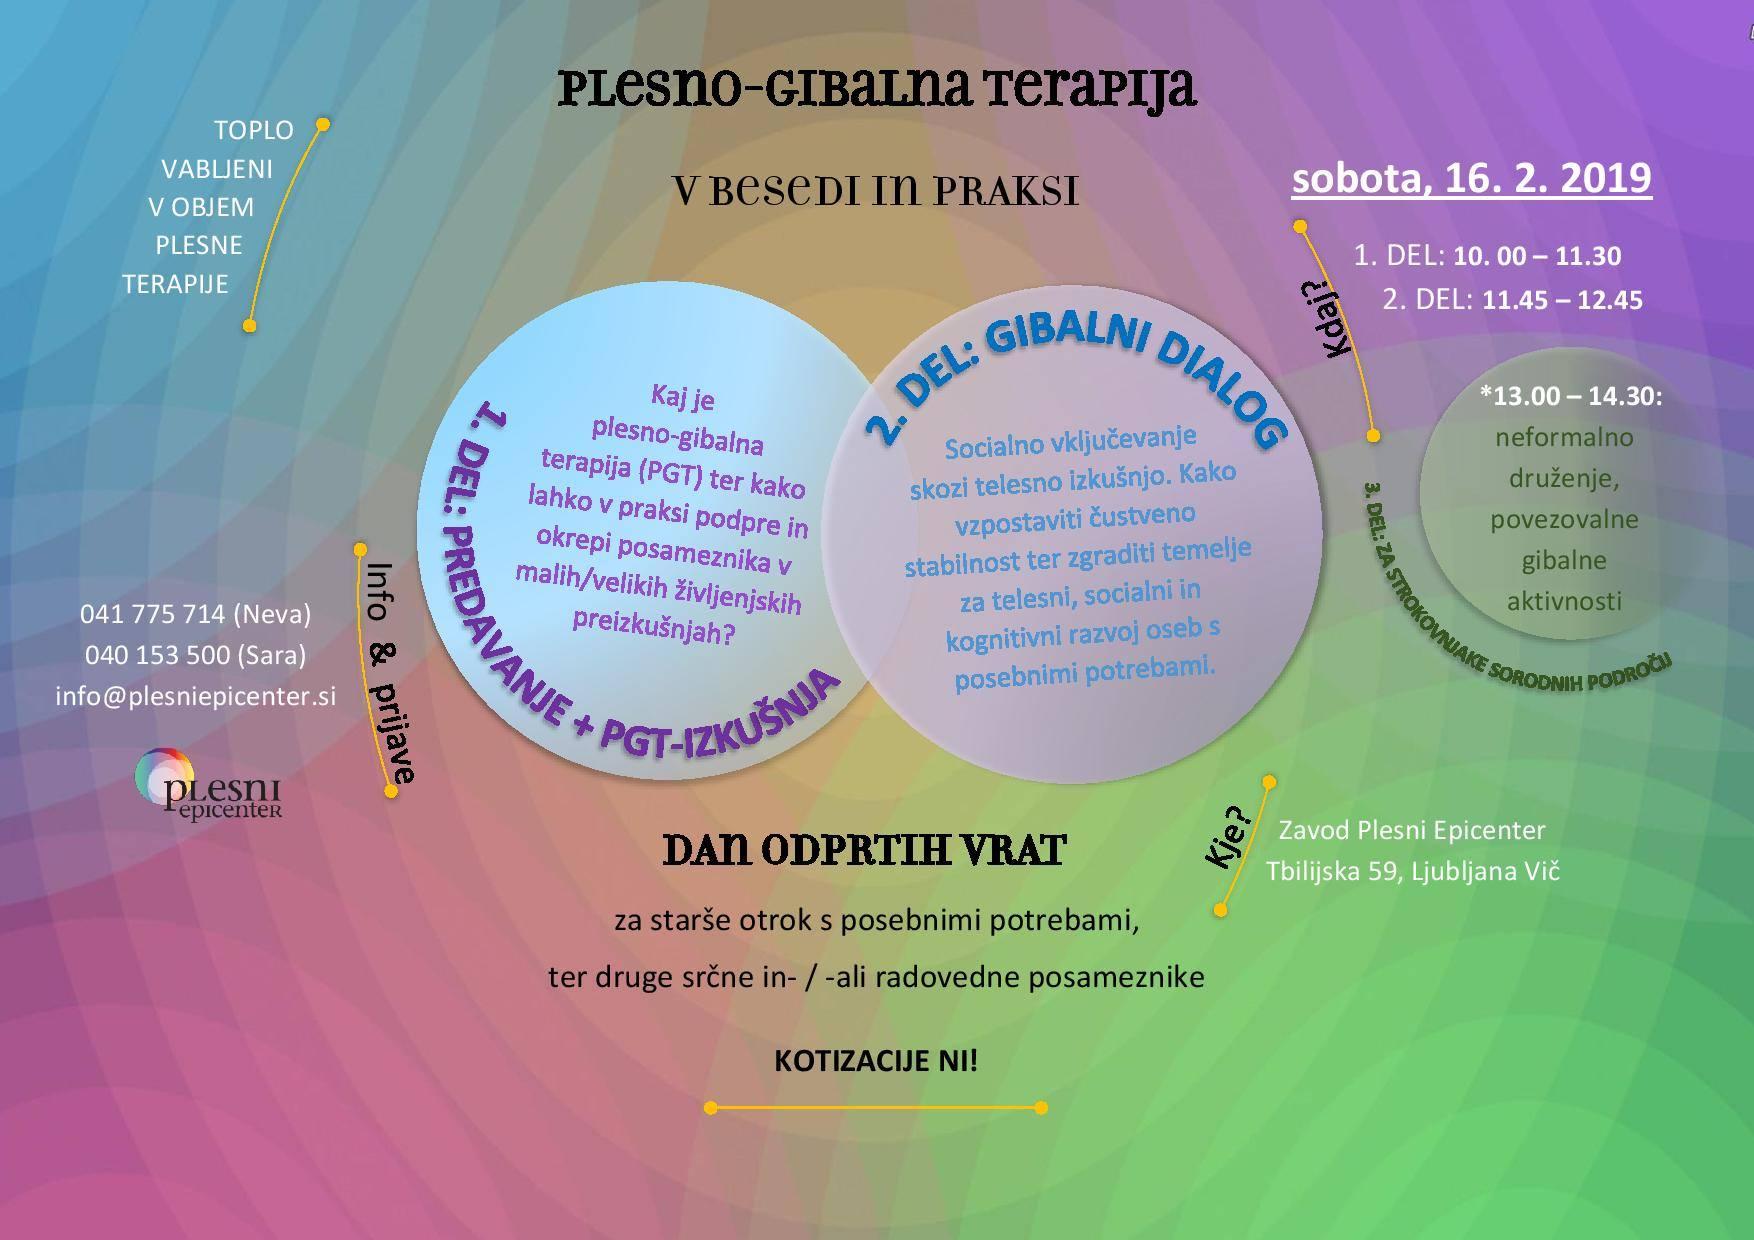 Plesno gibalna psihoterapija v besedi in praksi